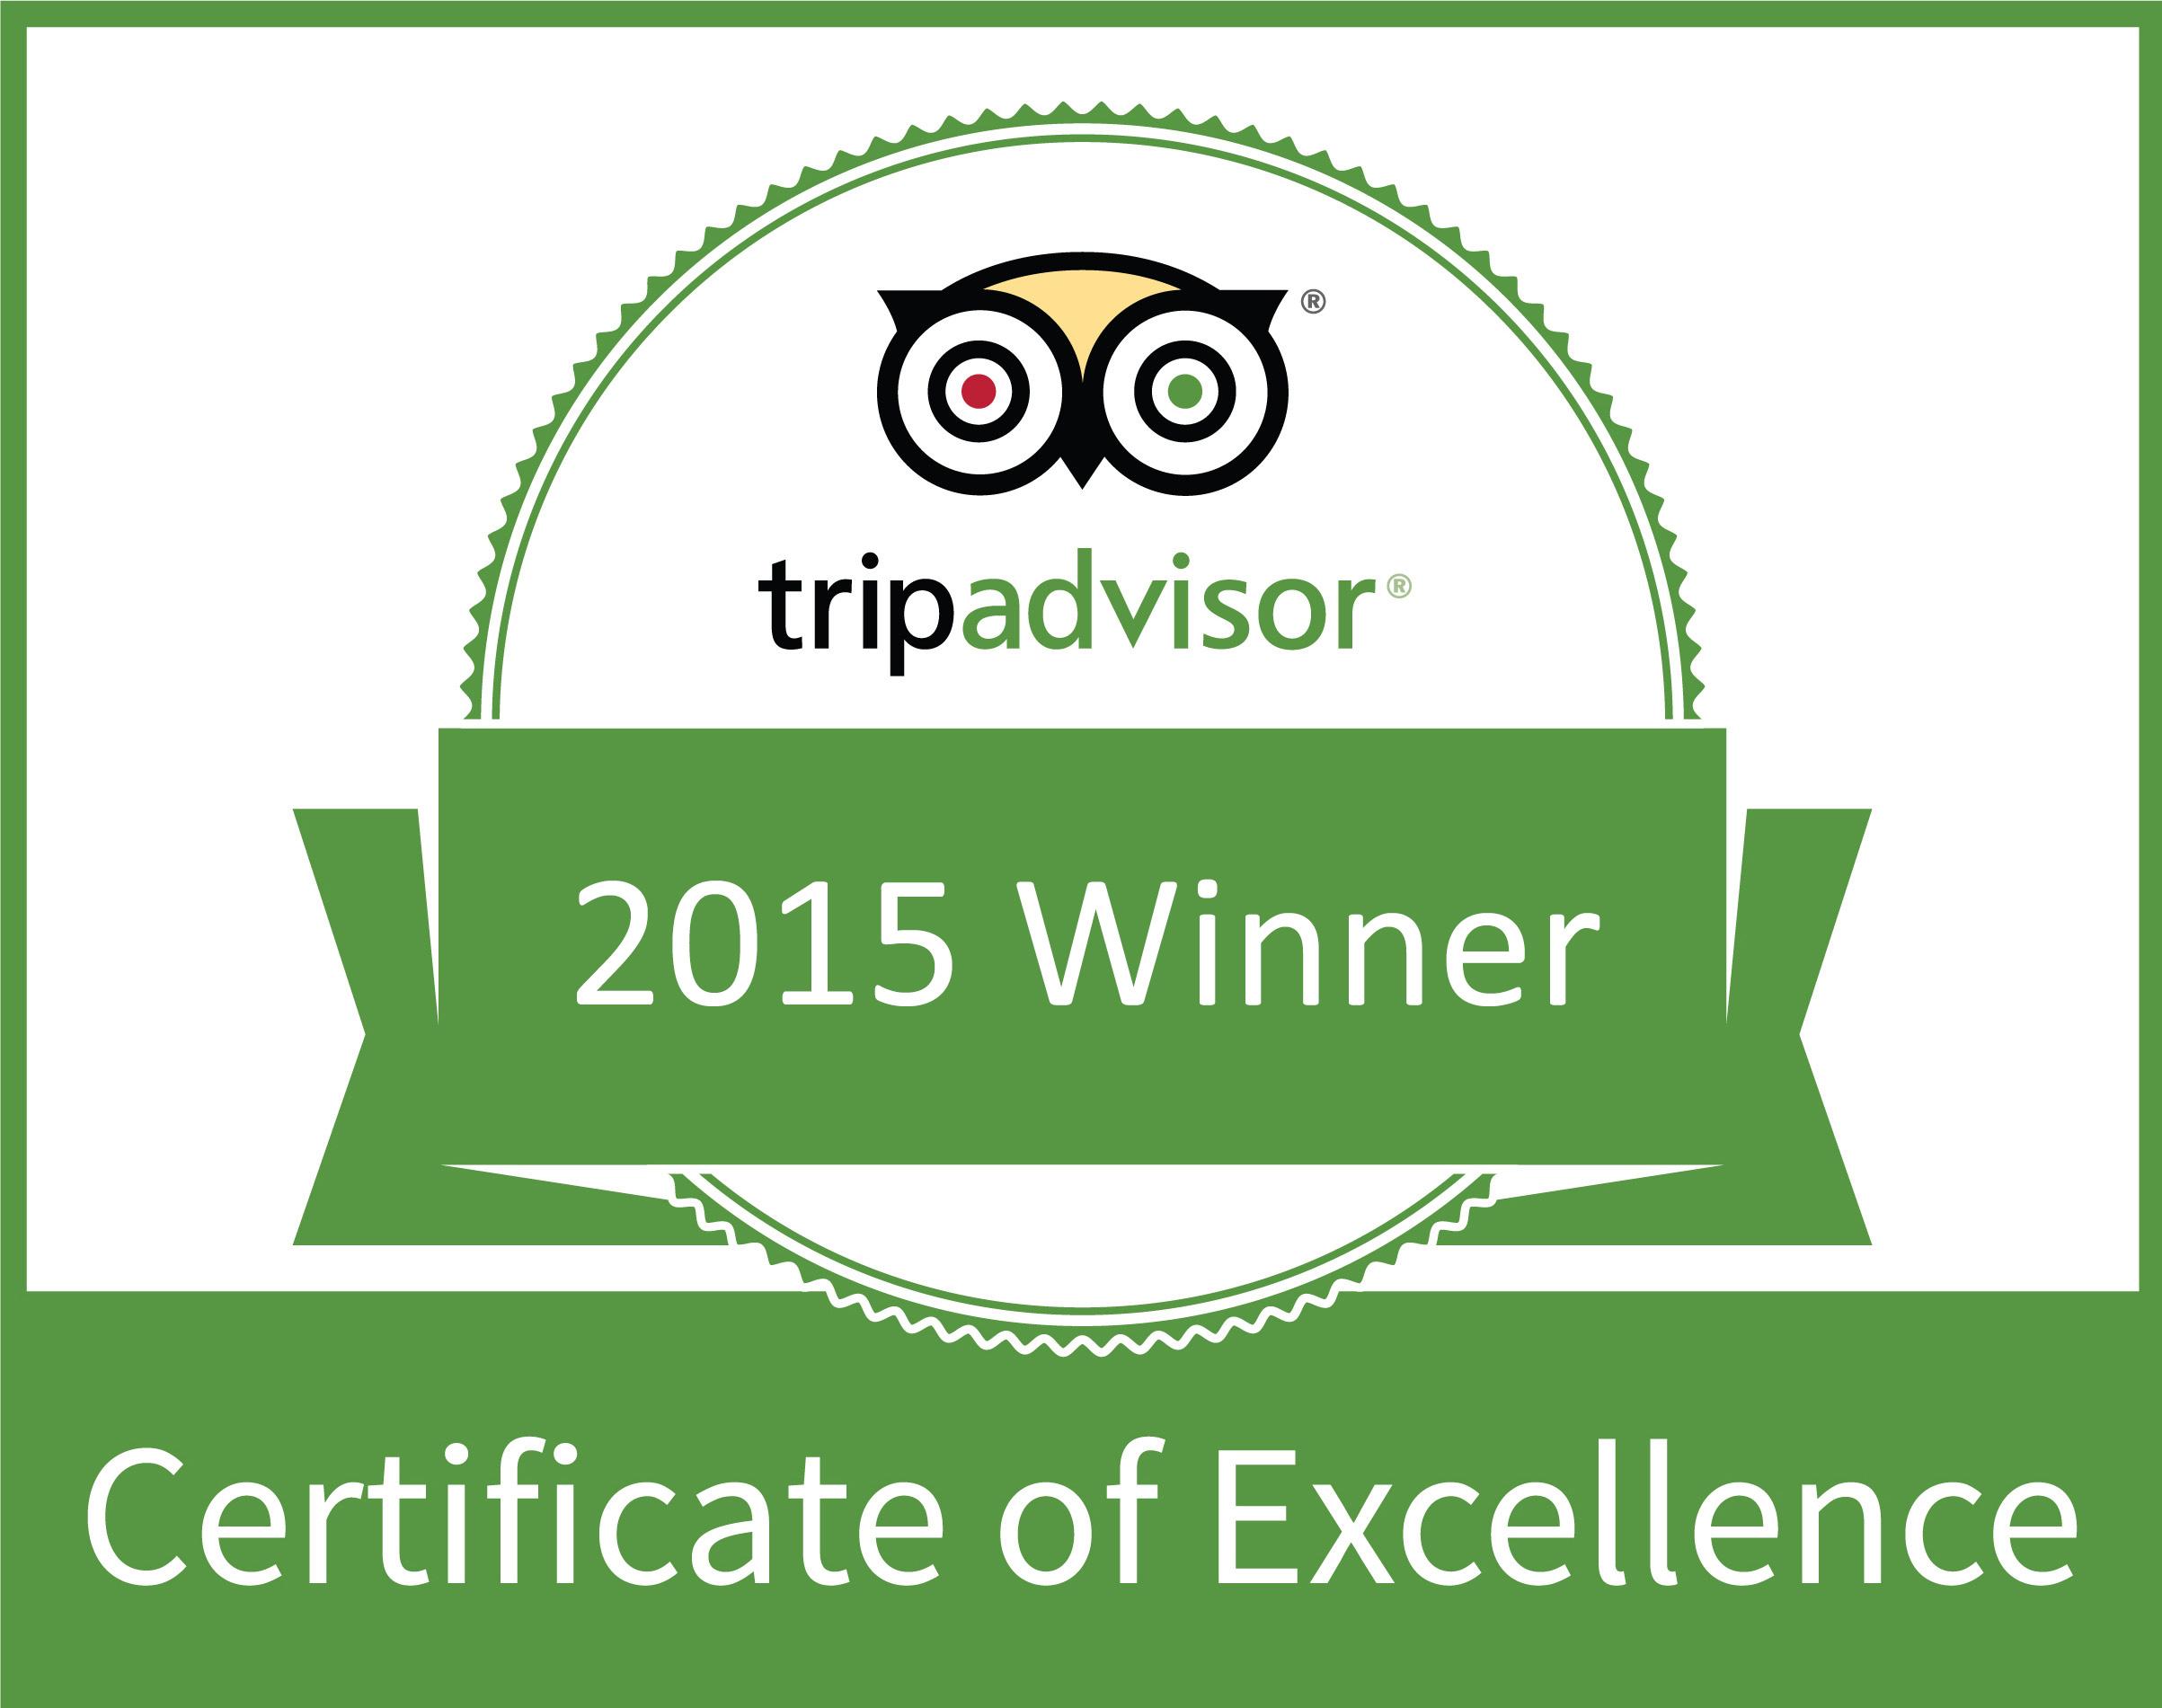 Trip Advisor Certificate of Excellence 2015 Winner